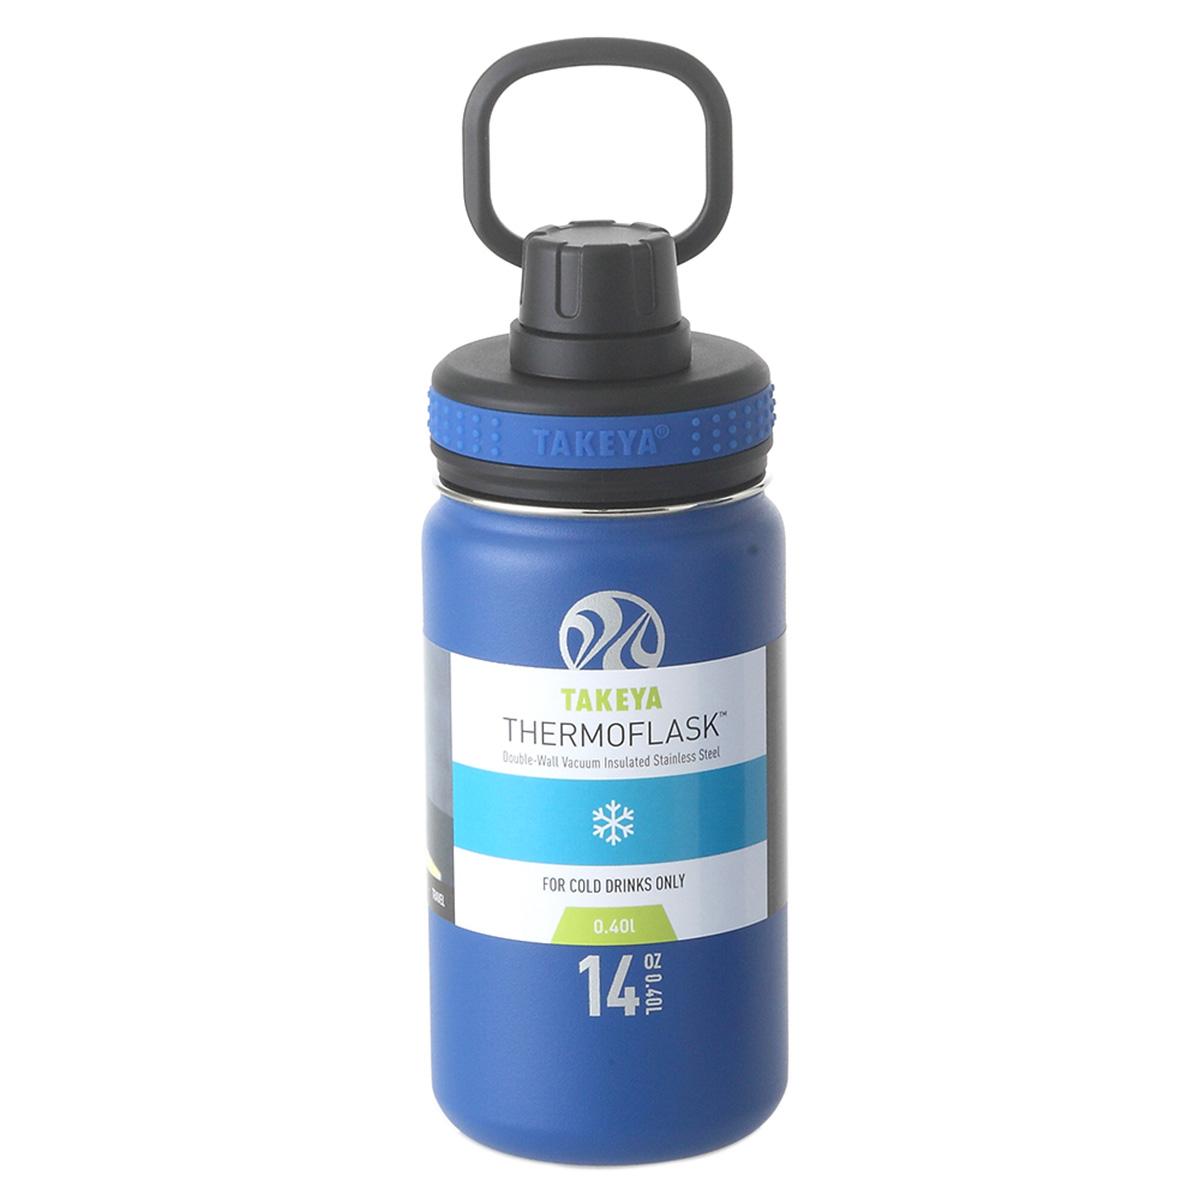 サーモフラスク 0.4L 真空ステンレスボトル 保冷専用